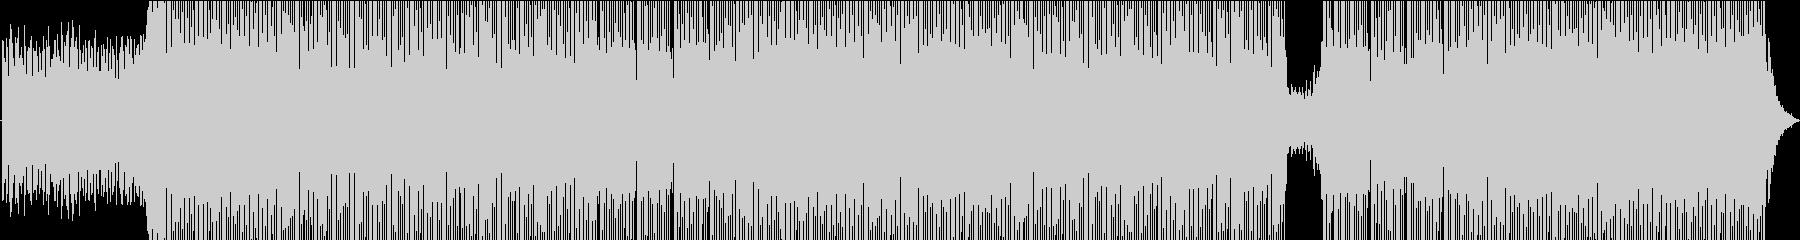 明るくきらめくエレクトロポップチャートの未再生の波形